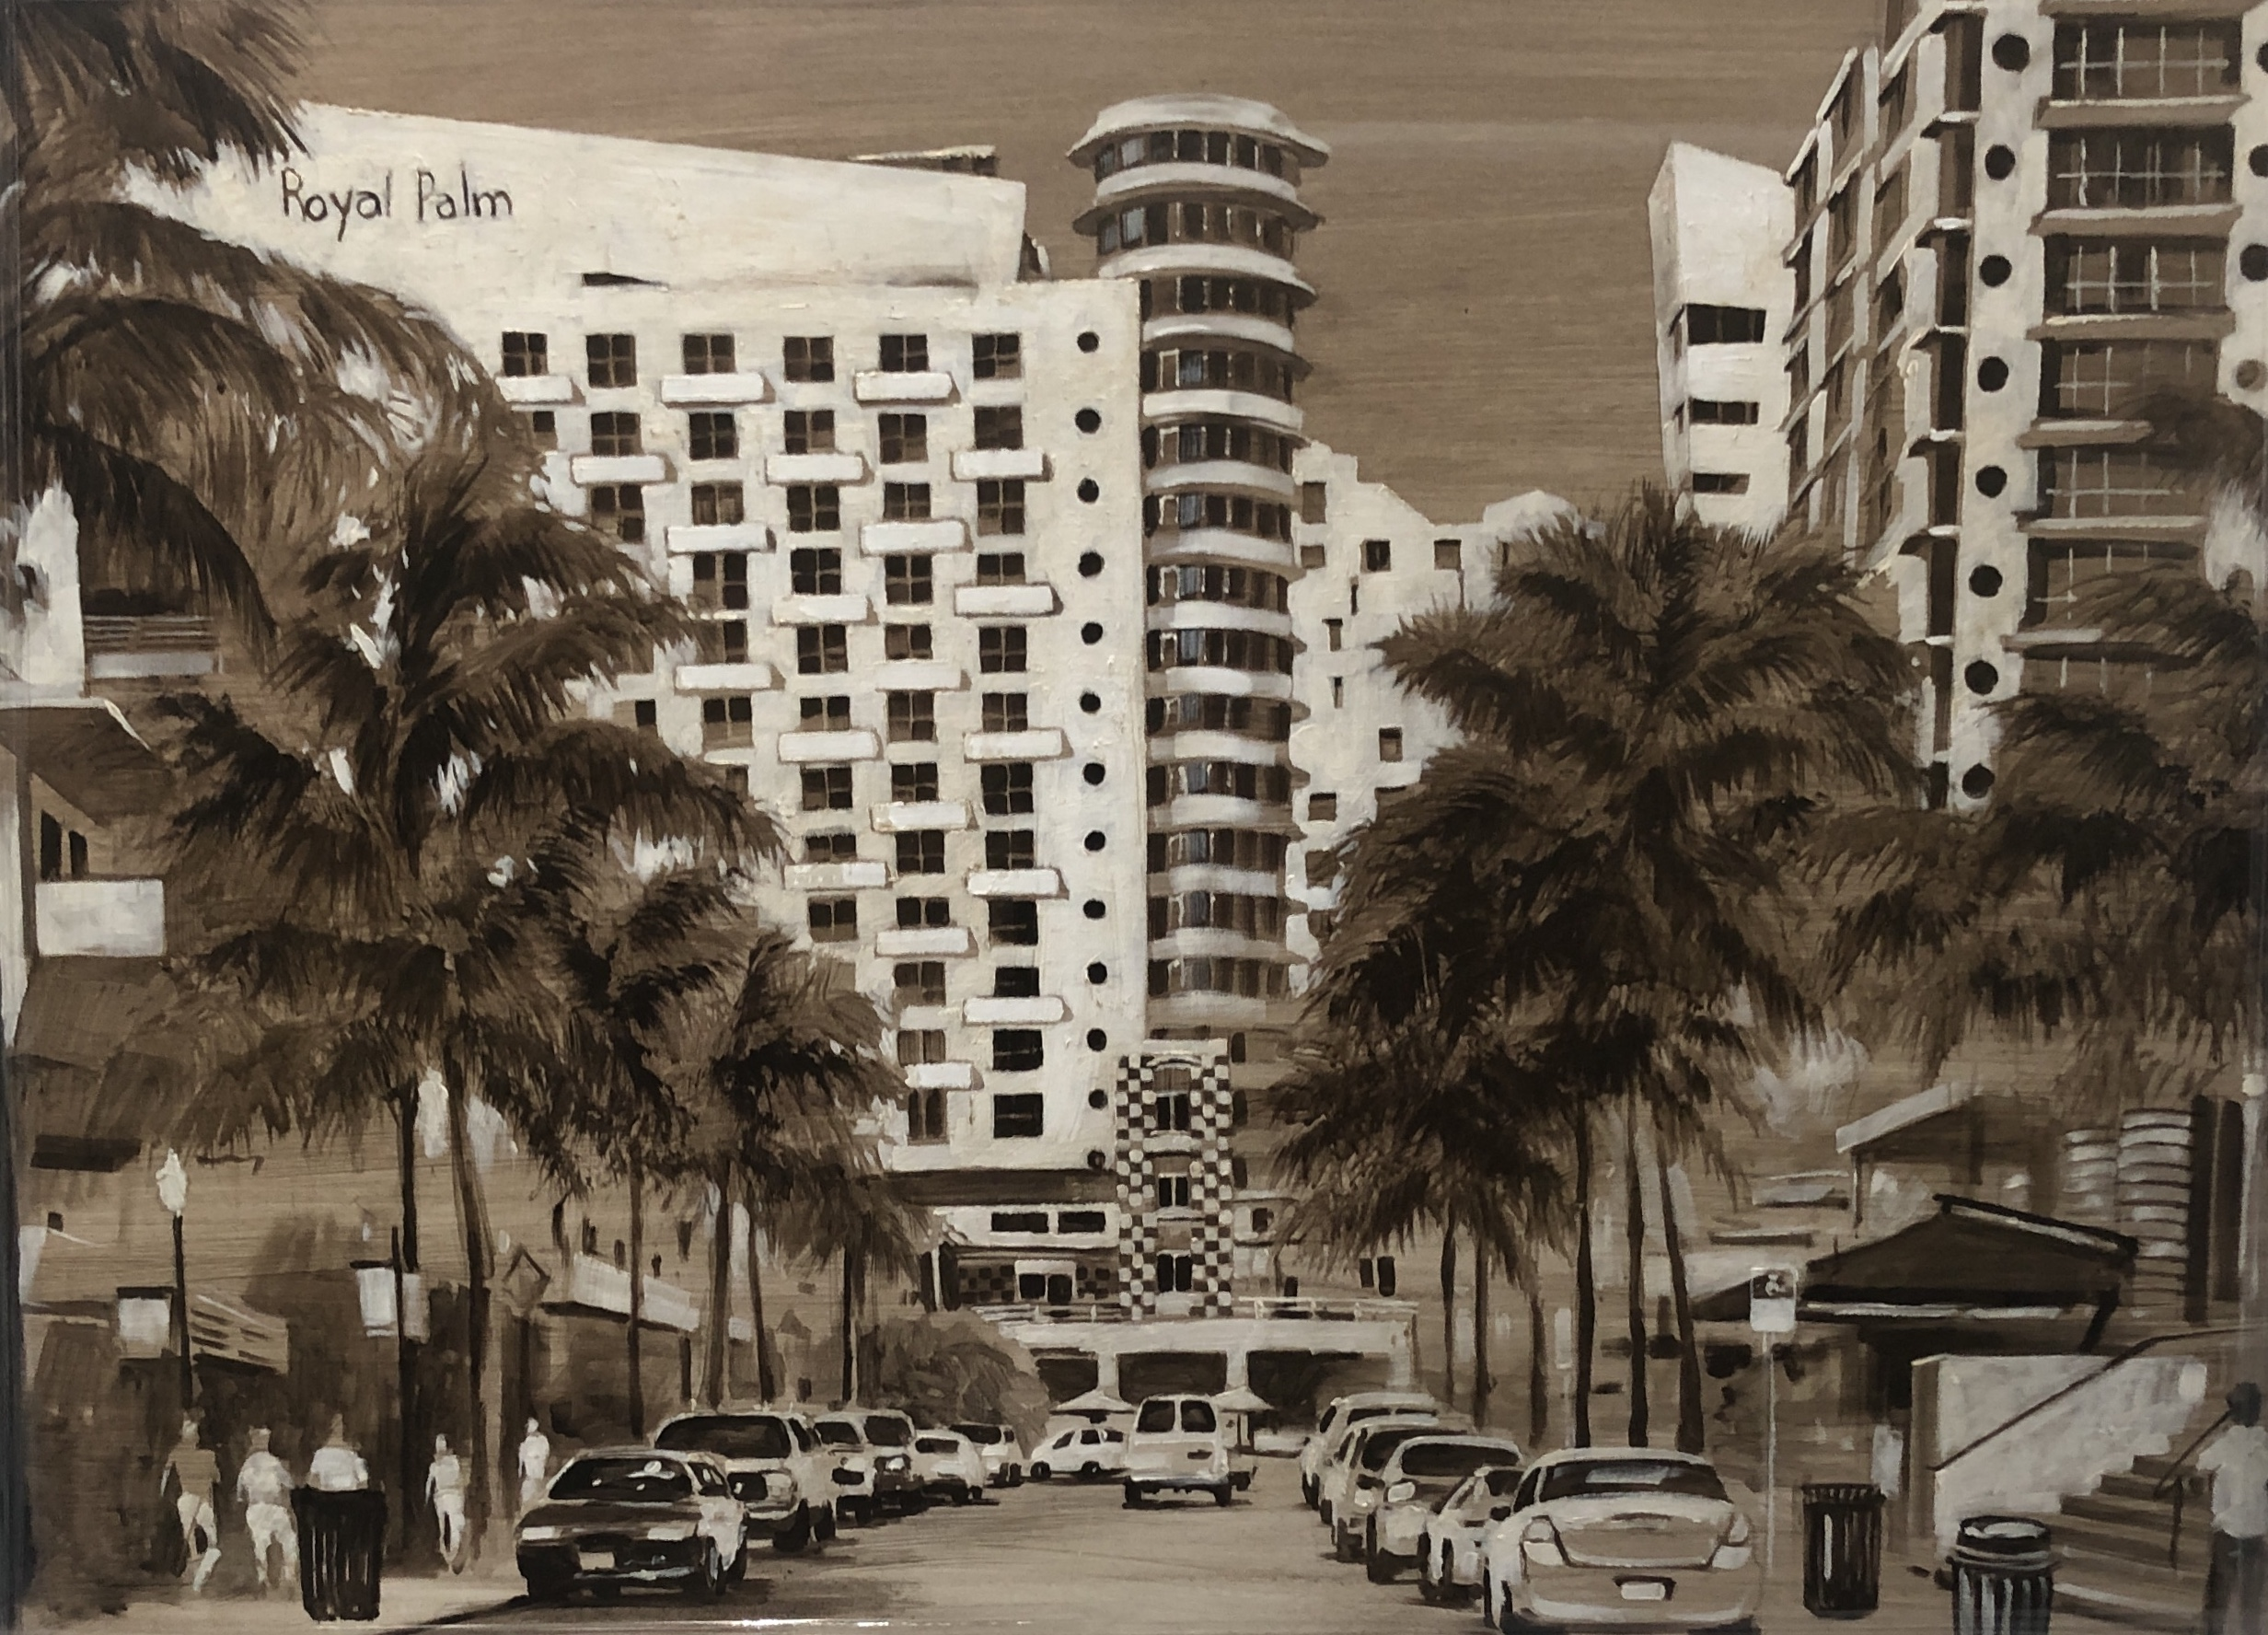 Serie Miami, 2018